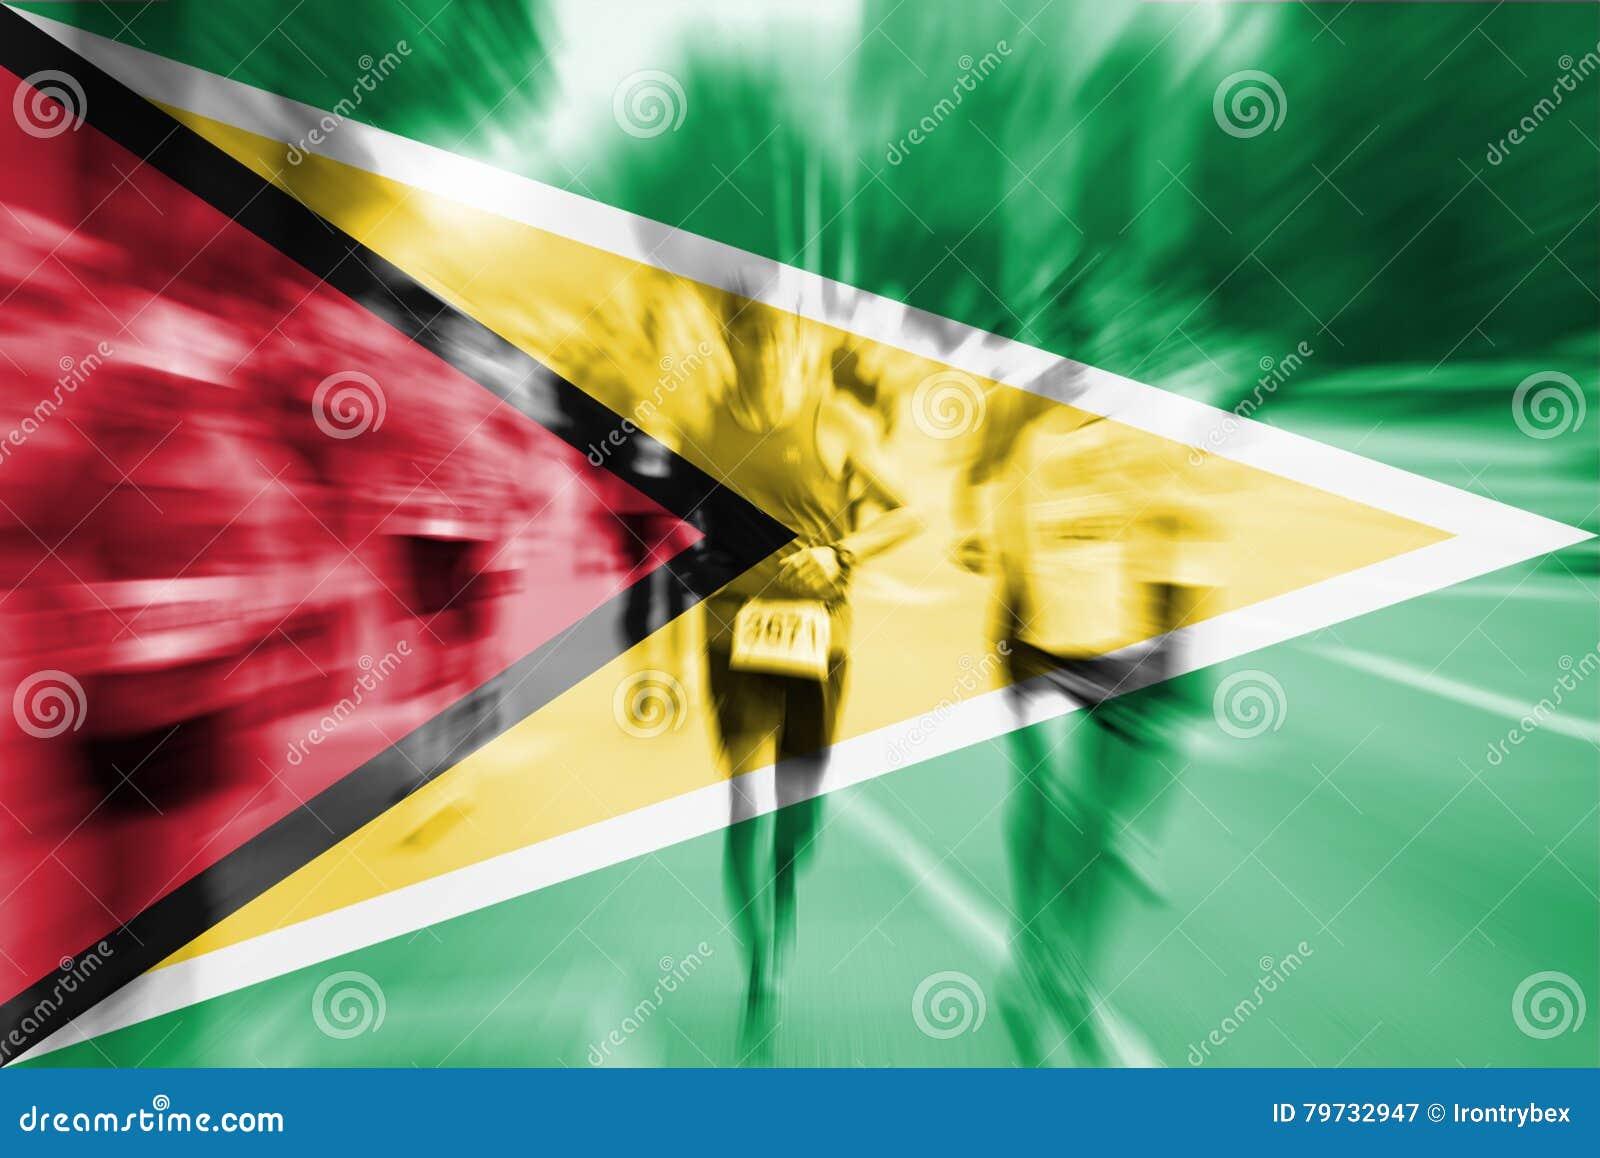 Falta de definición de movimiento del corredor de maratón con la mezcla de la bandera de Guyana